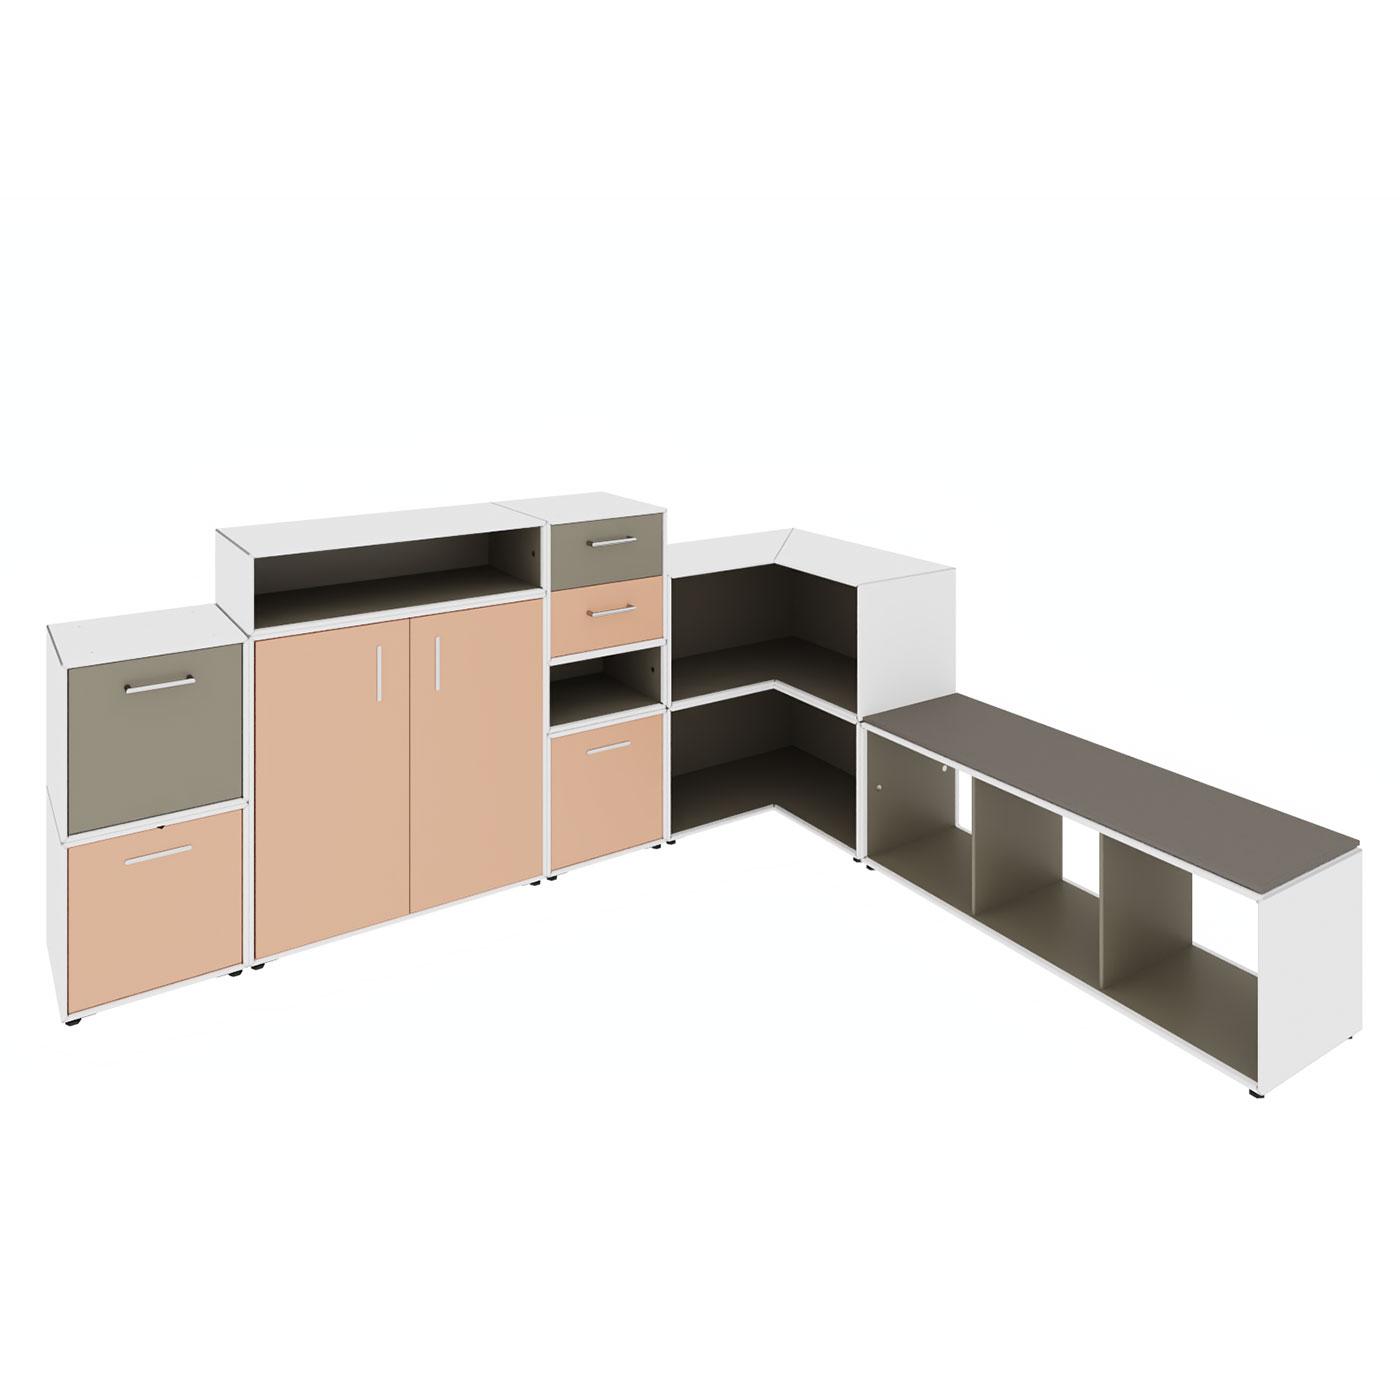 element.x Loungemöbel mit Stauraum, Präsentationsfläche und Sitzgelegenheit